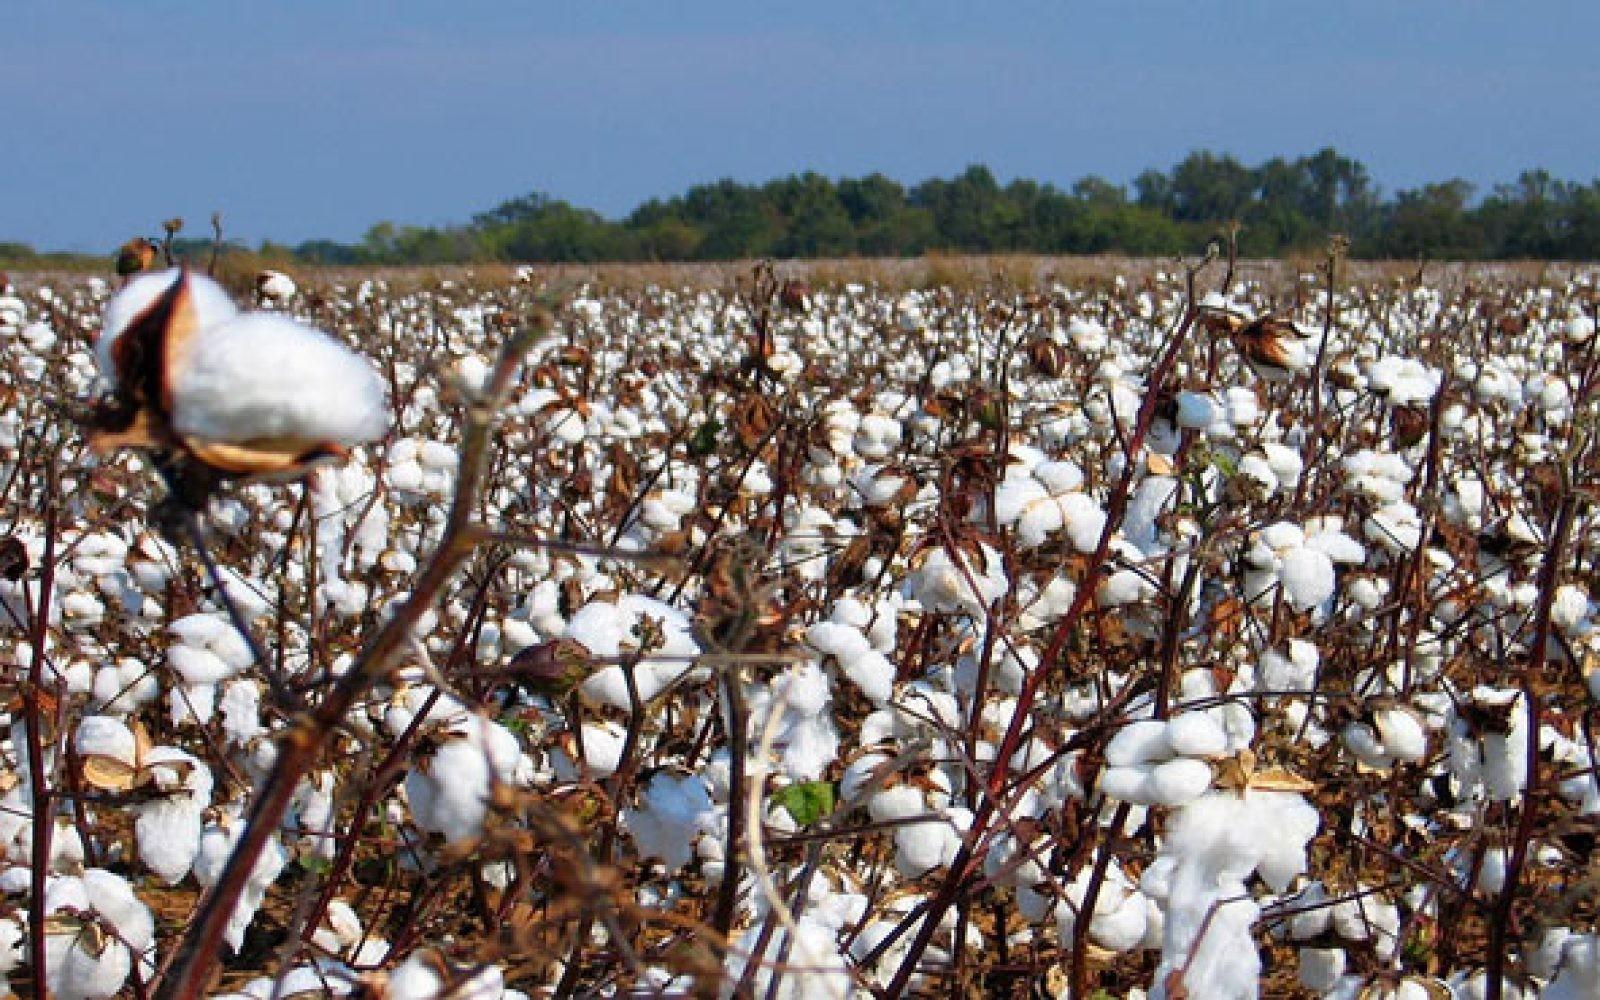 الزراعة: أصناف القطن الموسم الجديد مبكرة النضج وتوفر مياه الرى بنسبة 20 فى المئة